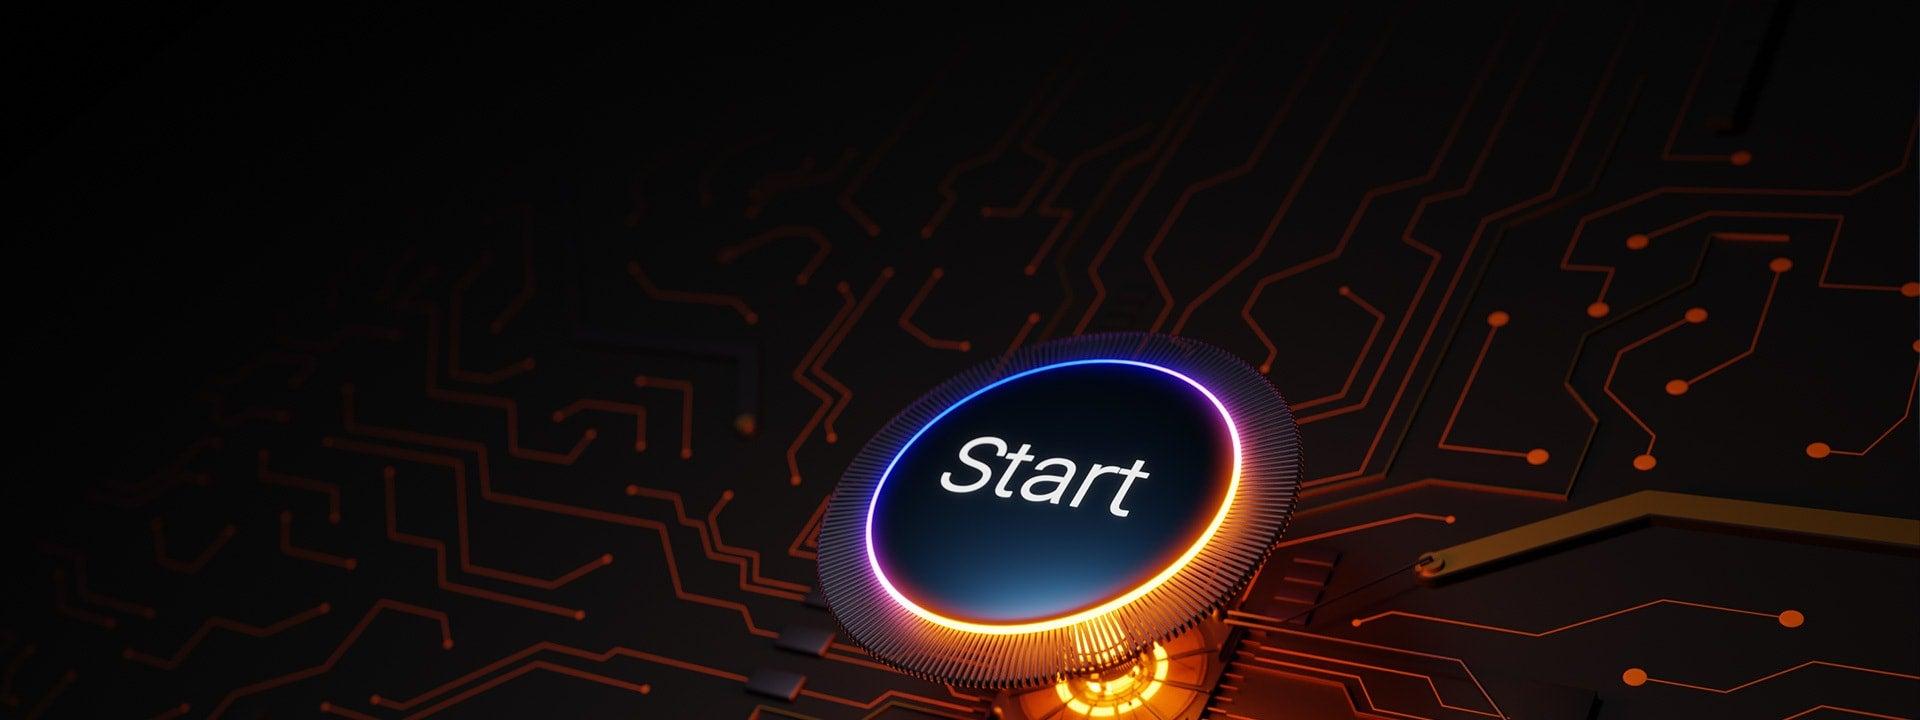 DataRobot End to end AI resource card BG v.1.2